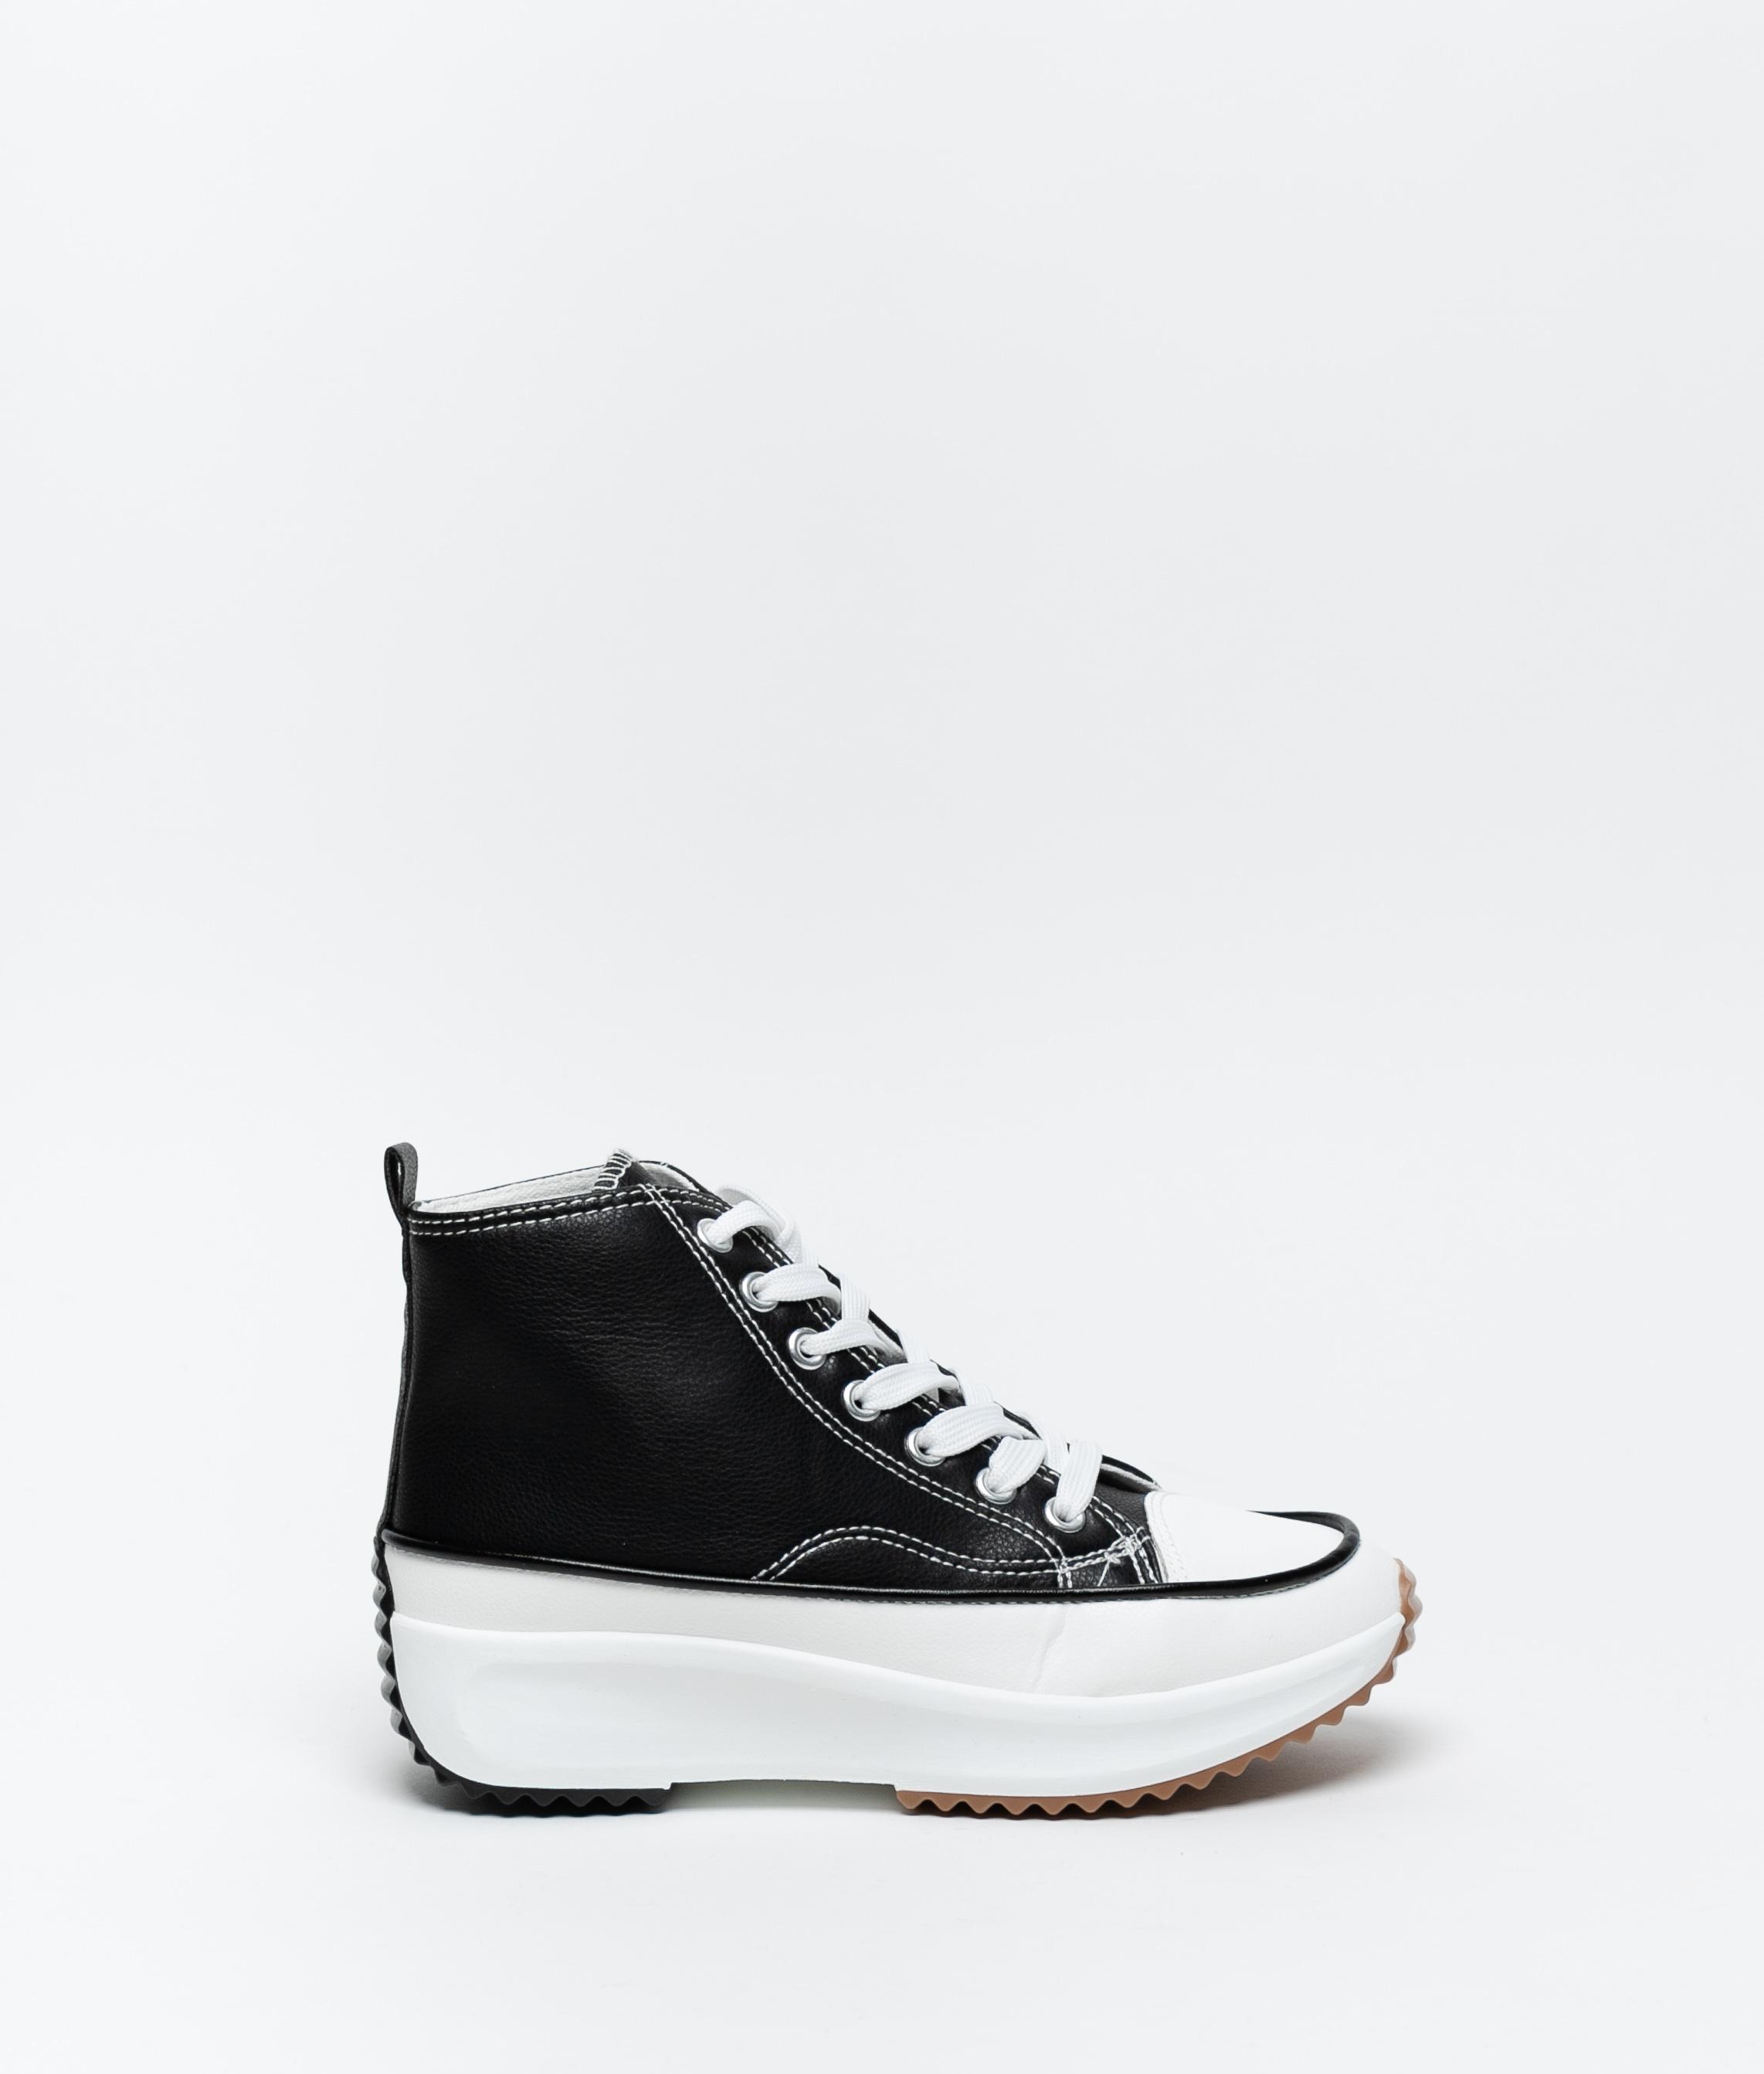 Sneakers Rimbal - Negro Polipiel